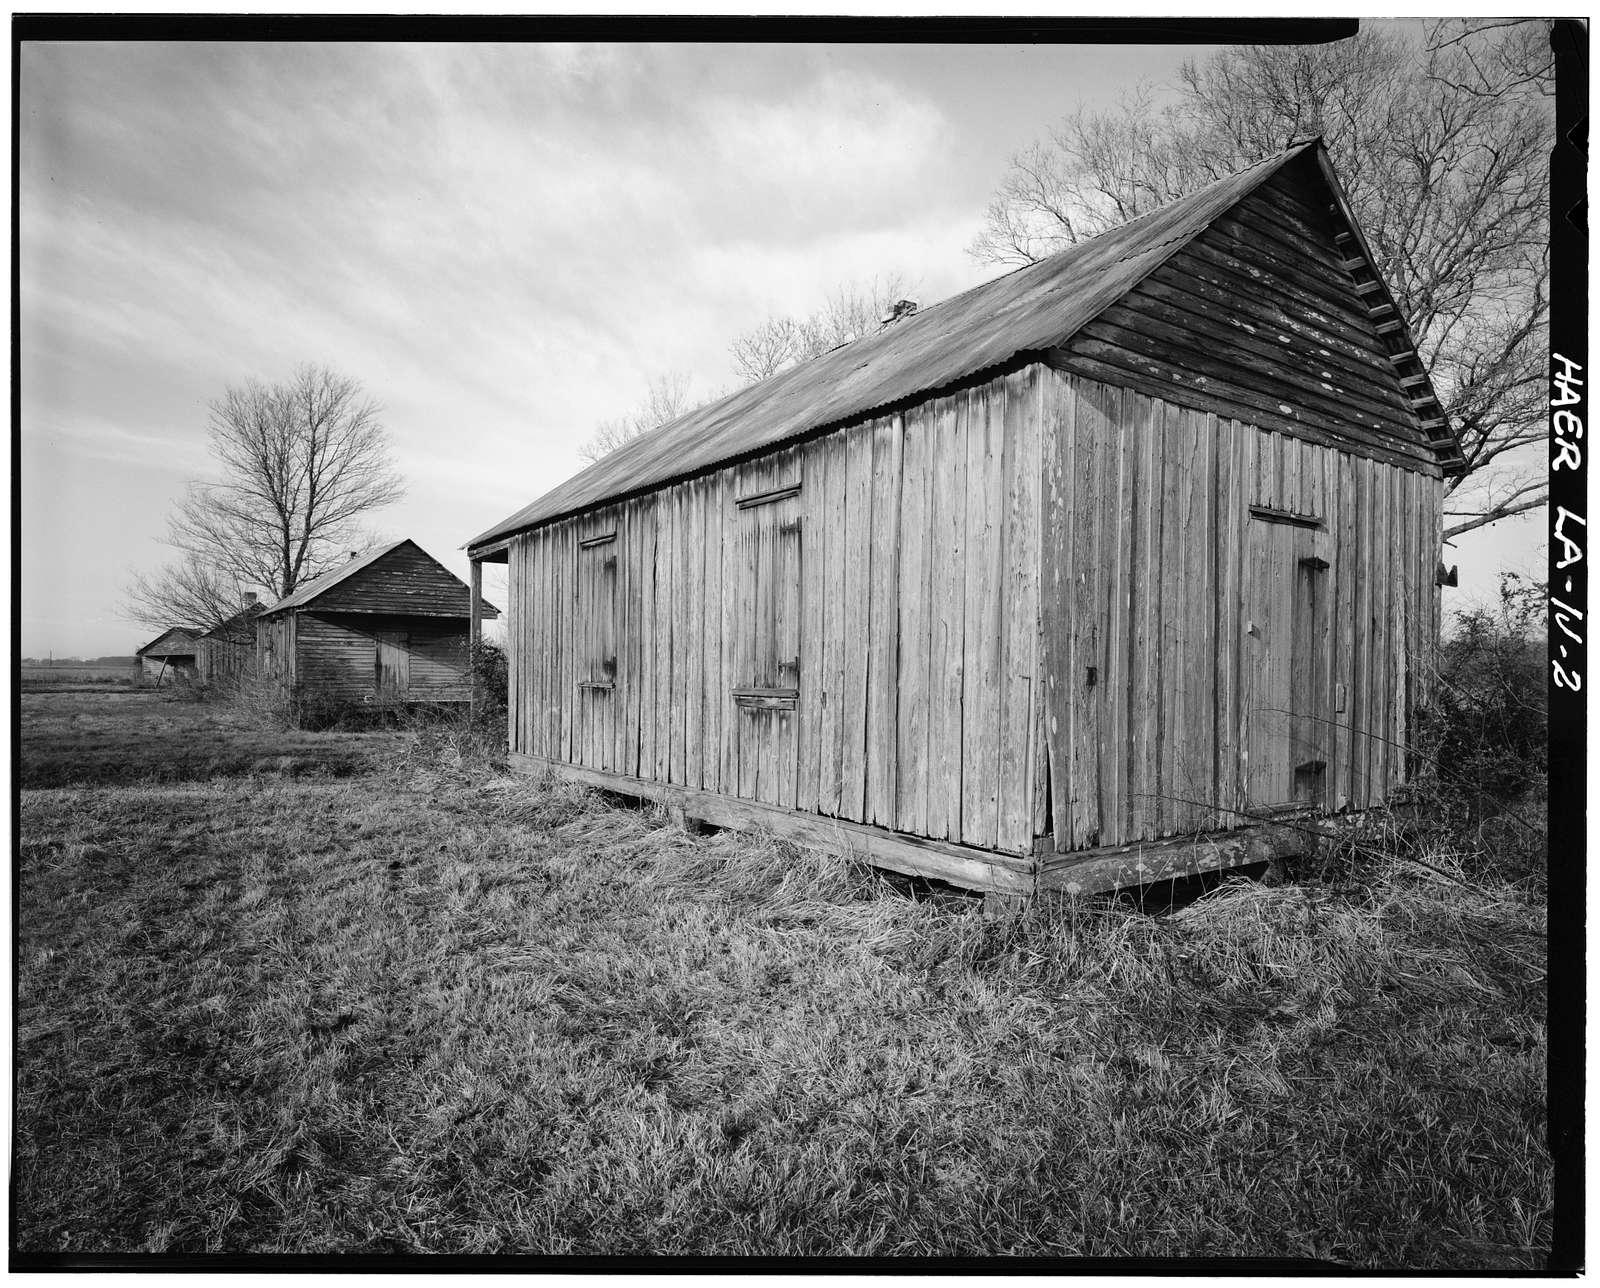 Laurel Valley Sugar Plantation, Shotgun Quarters, 2 miles South of Thibodaux on State Route 308, Thibodaux, Lafourche Parish, LA